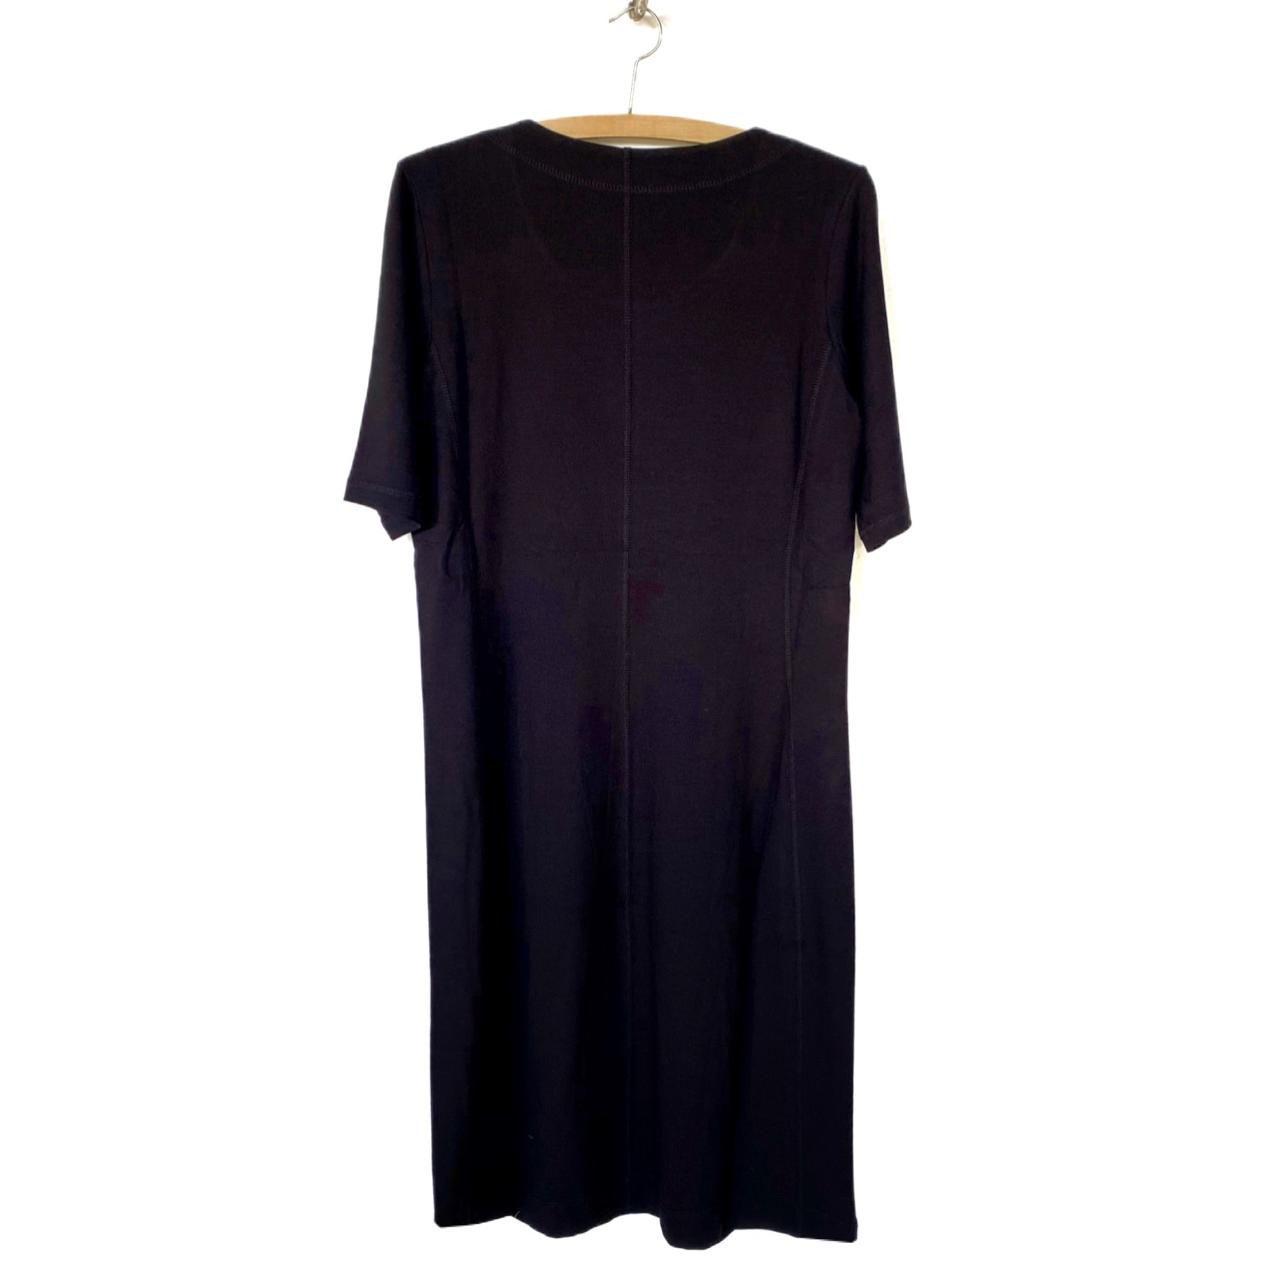 Vestido Karin preto  - Vivian Bógus